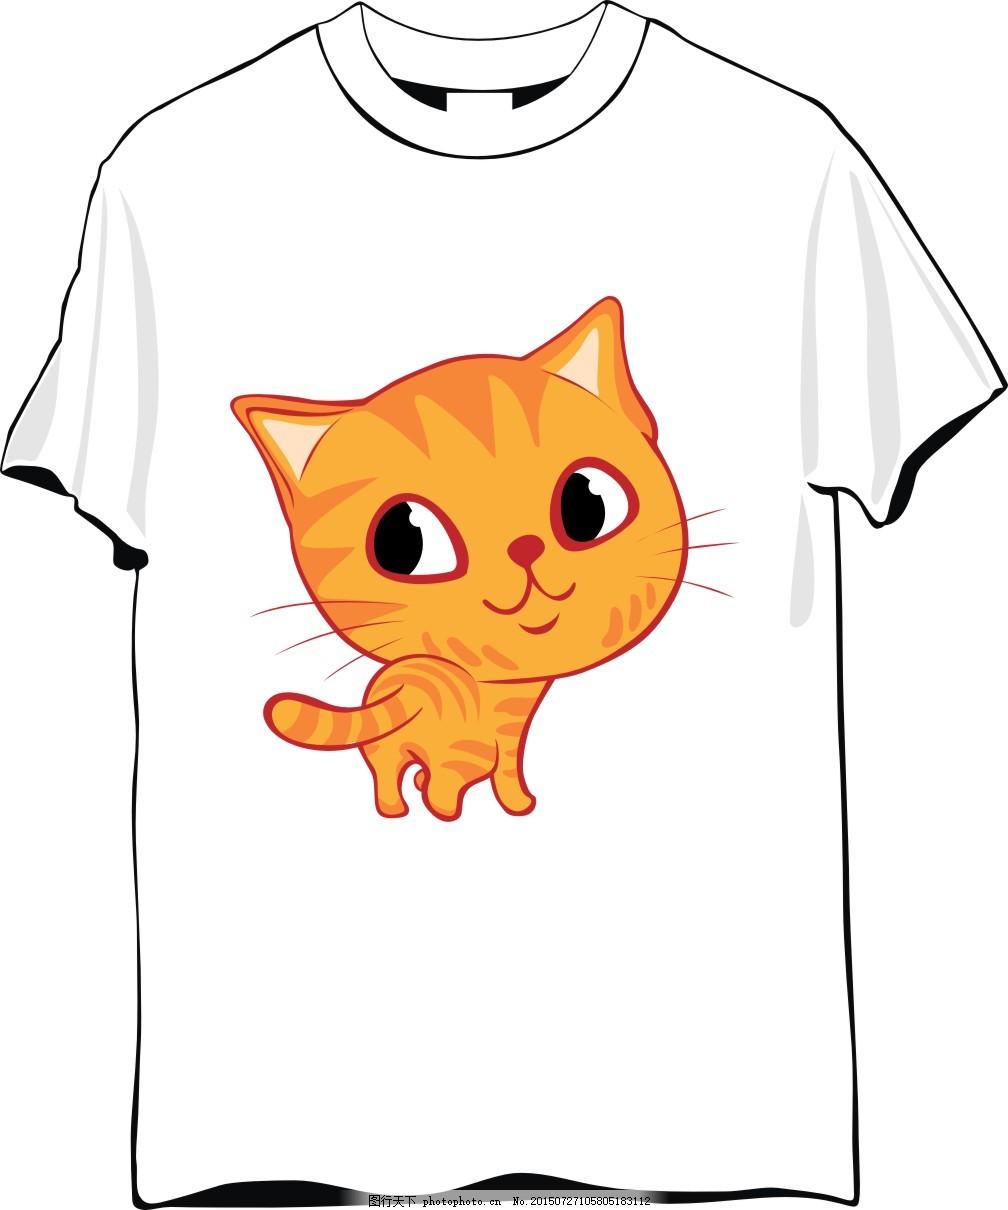 动物图案t恤 可爱t恤 白色 涂鸦 手绘 彩色 卡通 矢量图 小动物 cdr